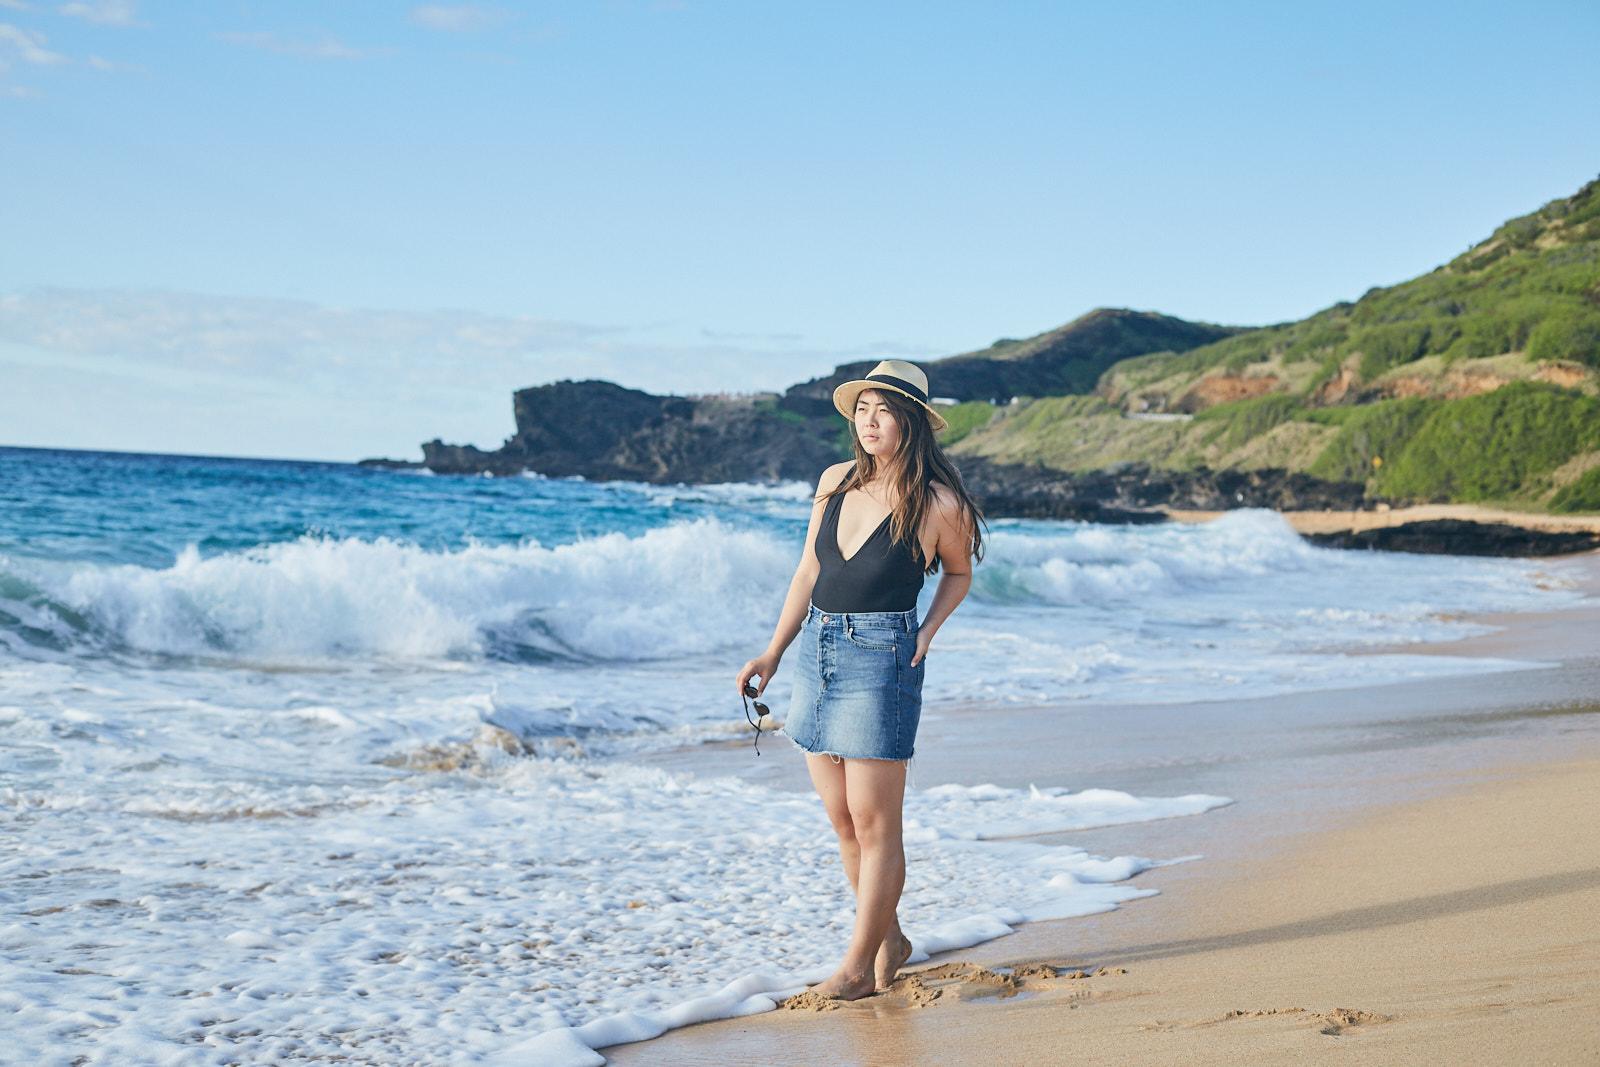 studio-sophy-hawaii-sophia-liu-photography-IMG_0121x.jpg